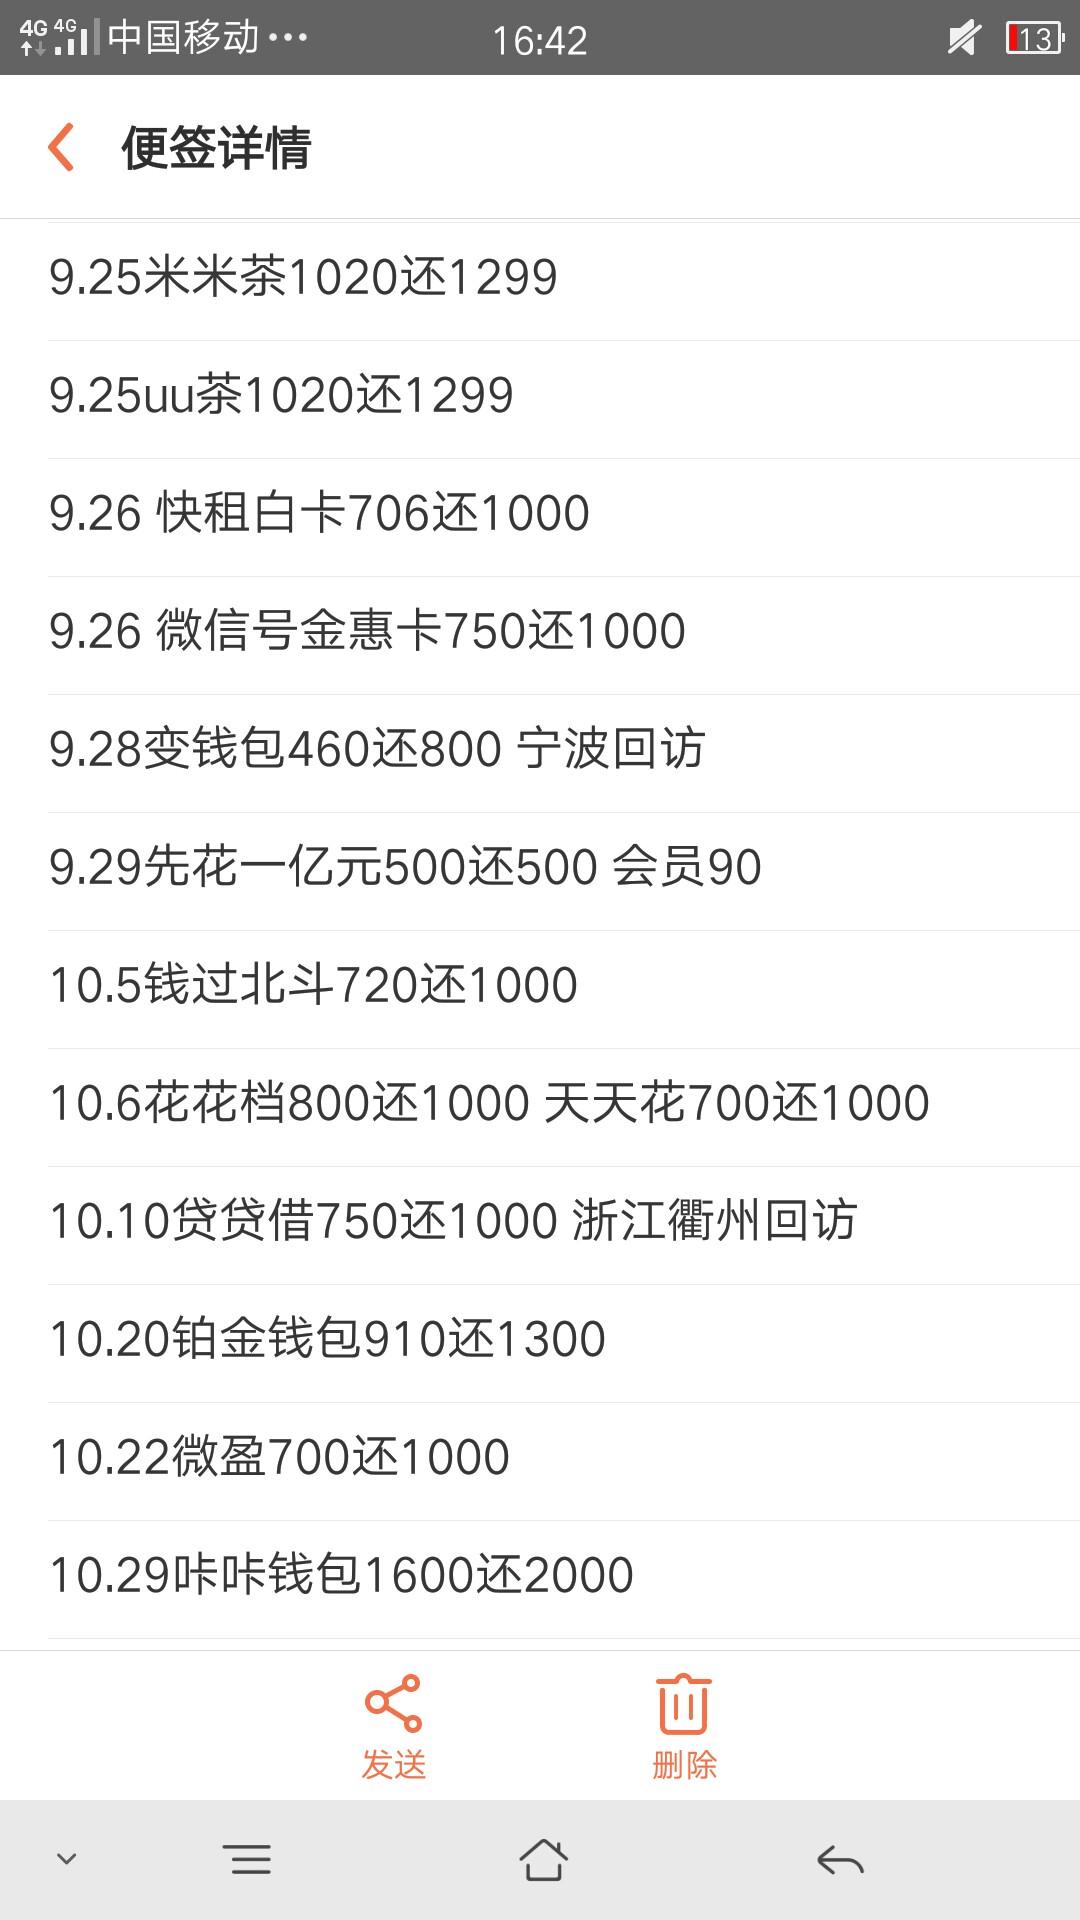 【领取春节福利】人人有份,抢完为止!最高18888花贝!83 / 作者:贵G撸侠 /